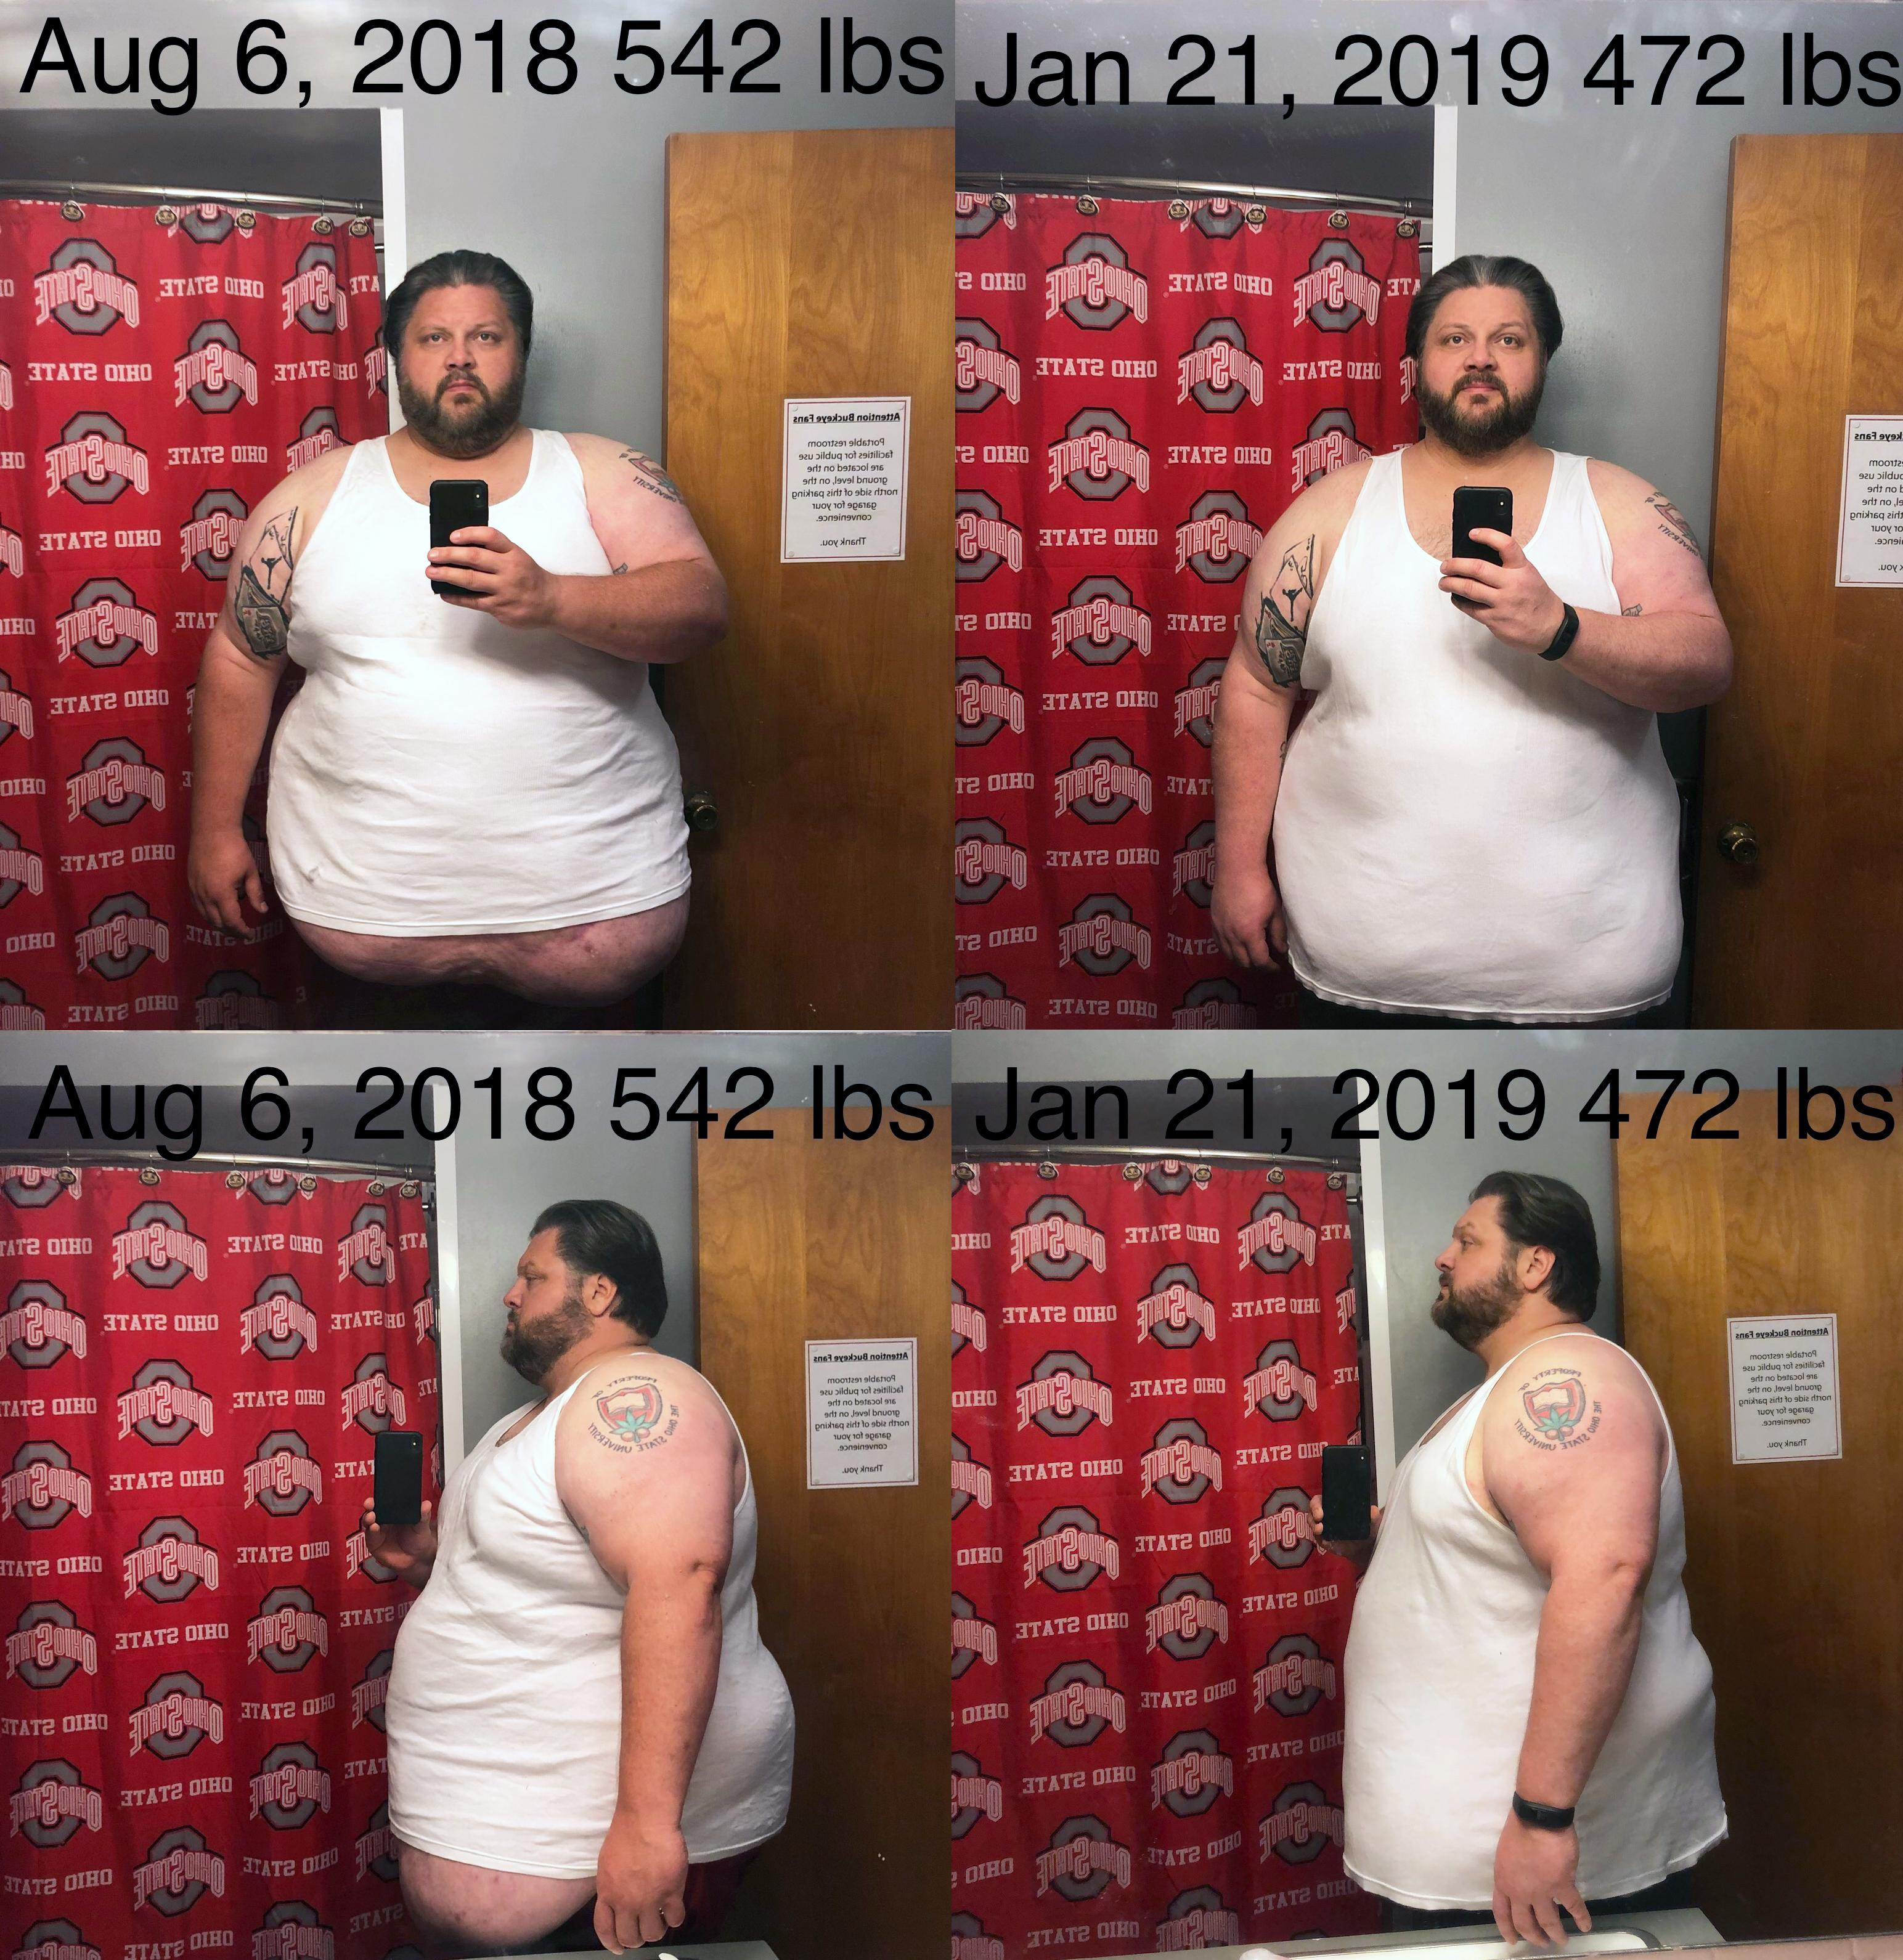 Progress Pics of 70 lbs Fat Loss 6 feet 1 Male 542 lbs to 472 lbs